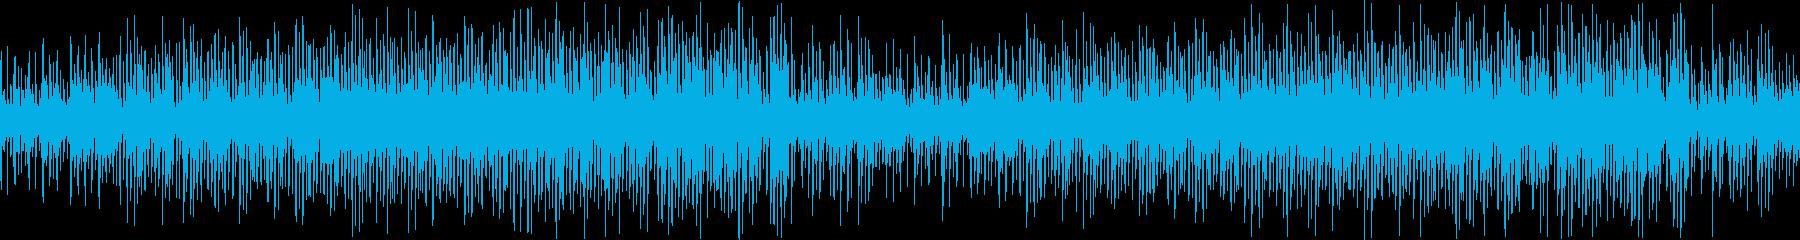 口笛ほのぼのアコースティックサウンドの再生済みの波形